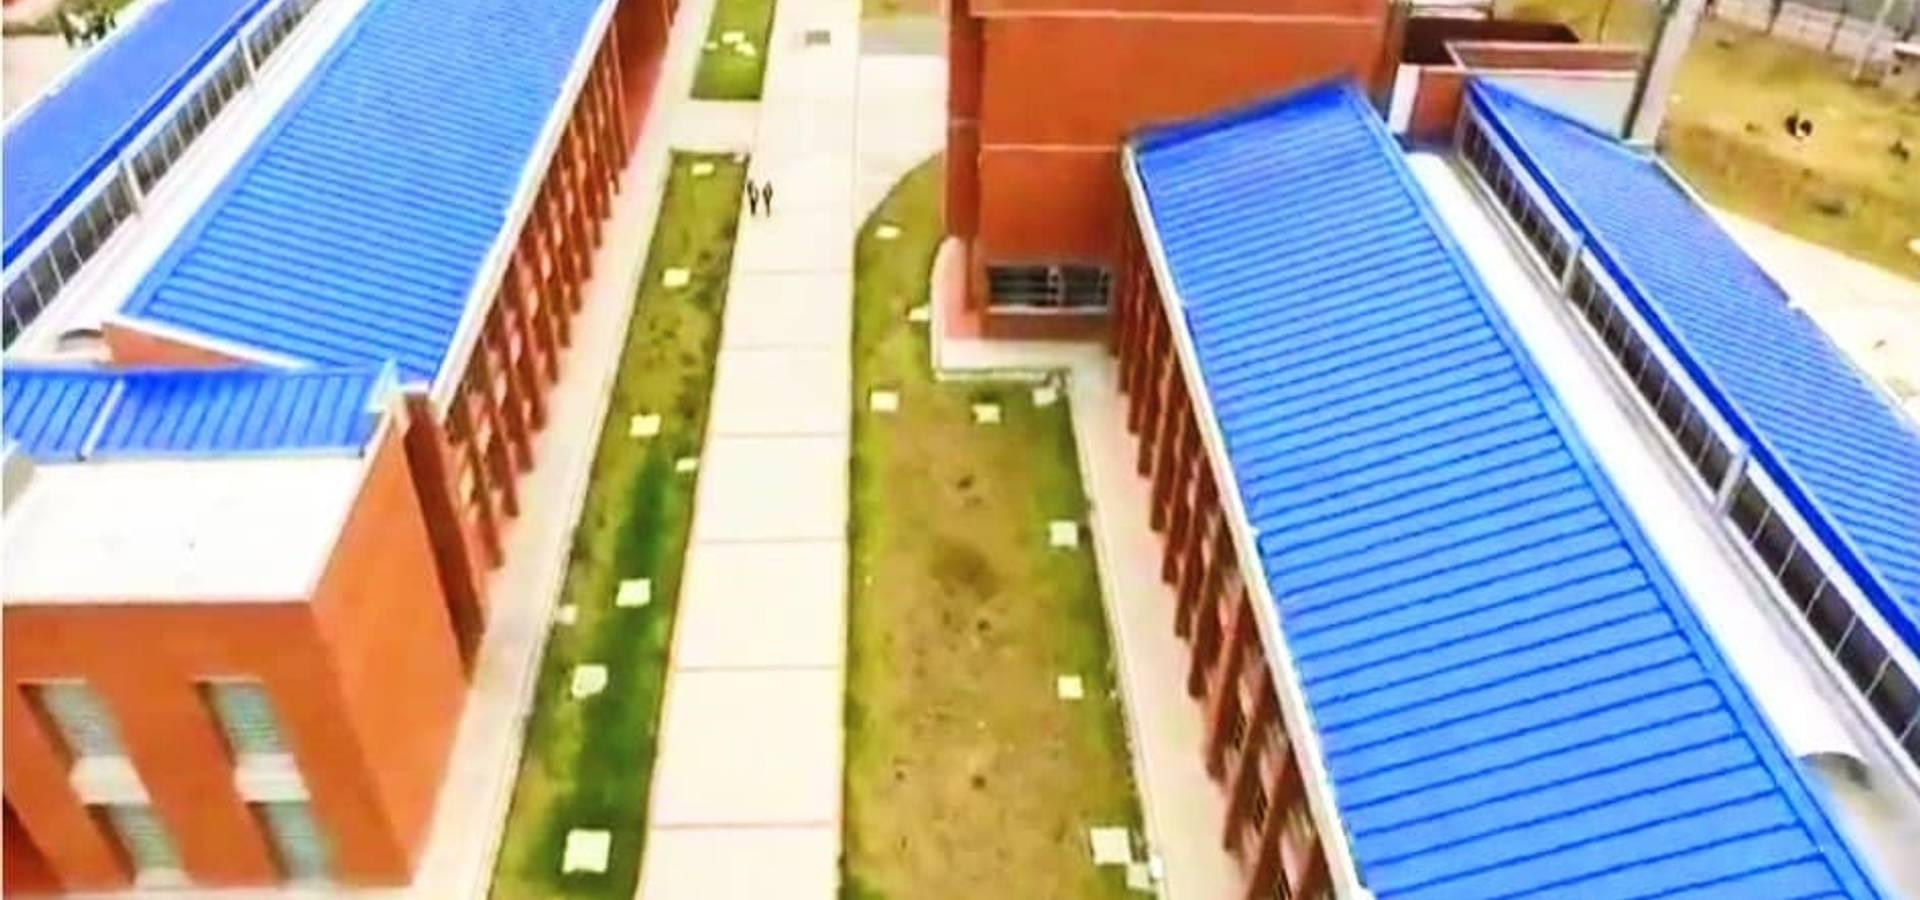 Carlos Melo Arquitectos